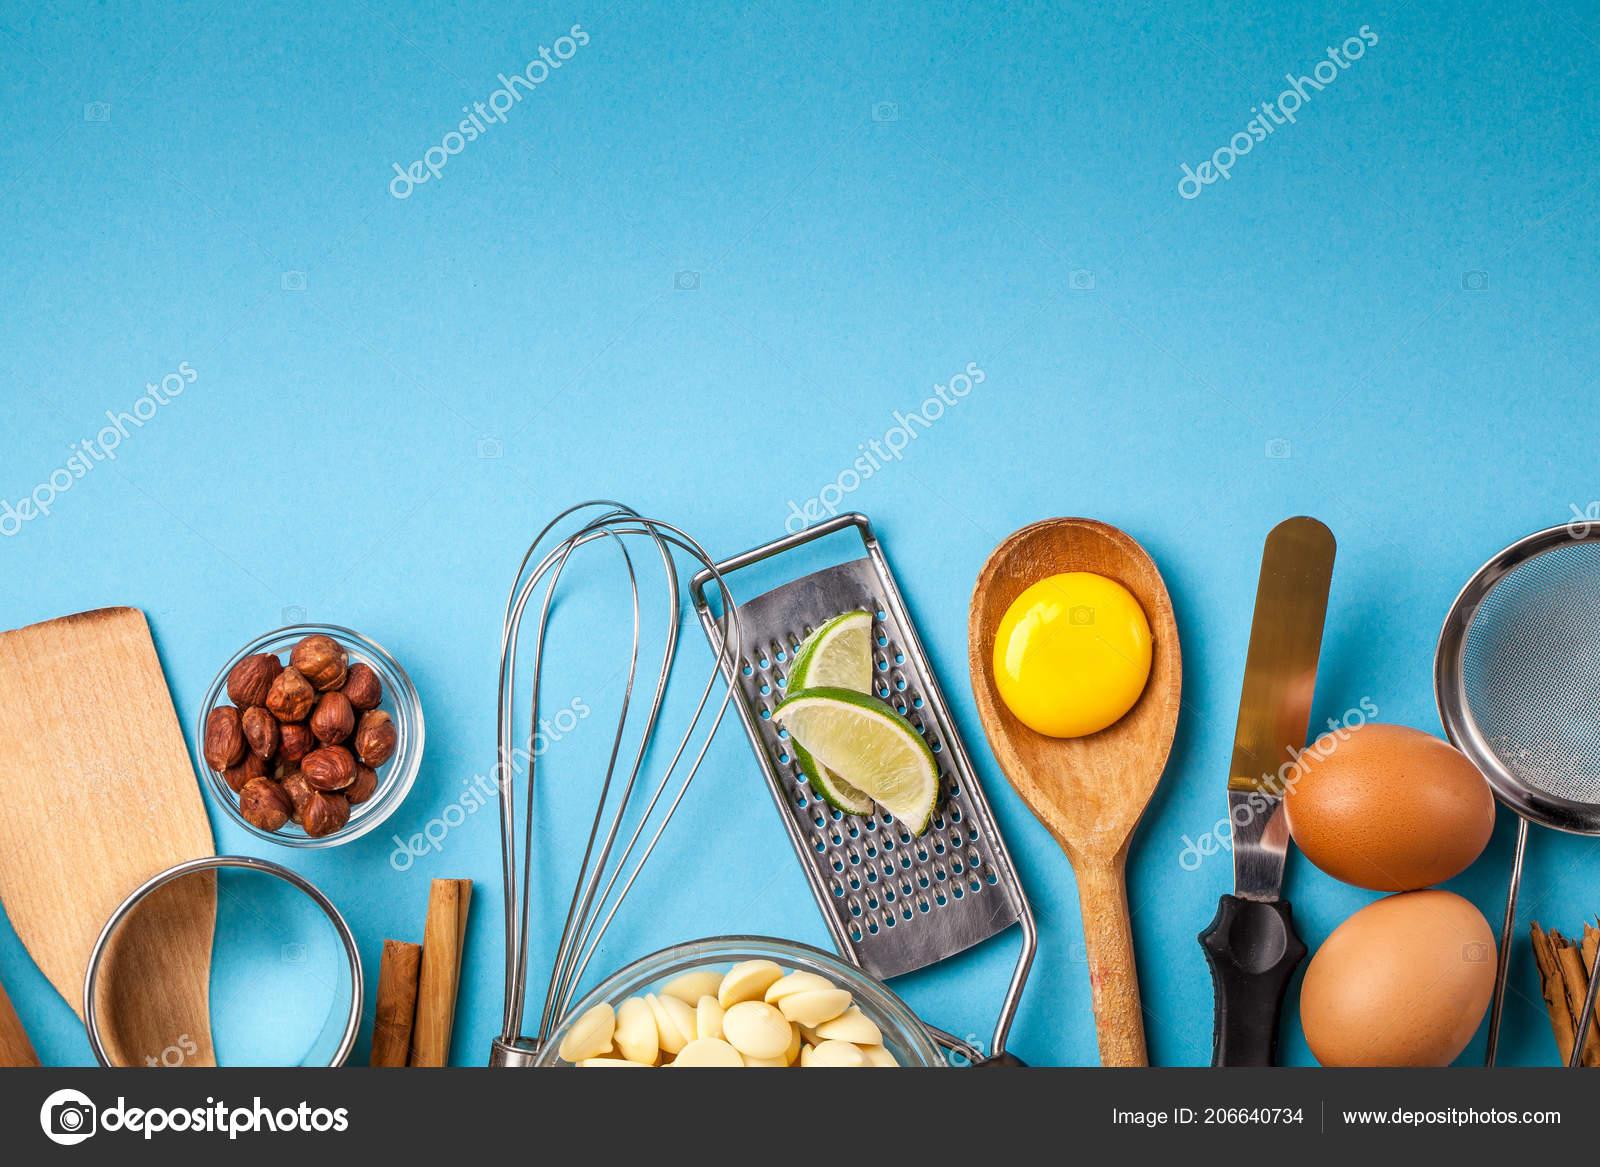 Concetto cottura cucina cornice ingredienti articoli cucina cottura